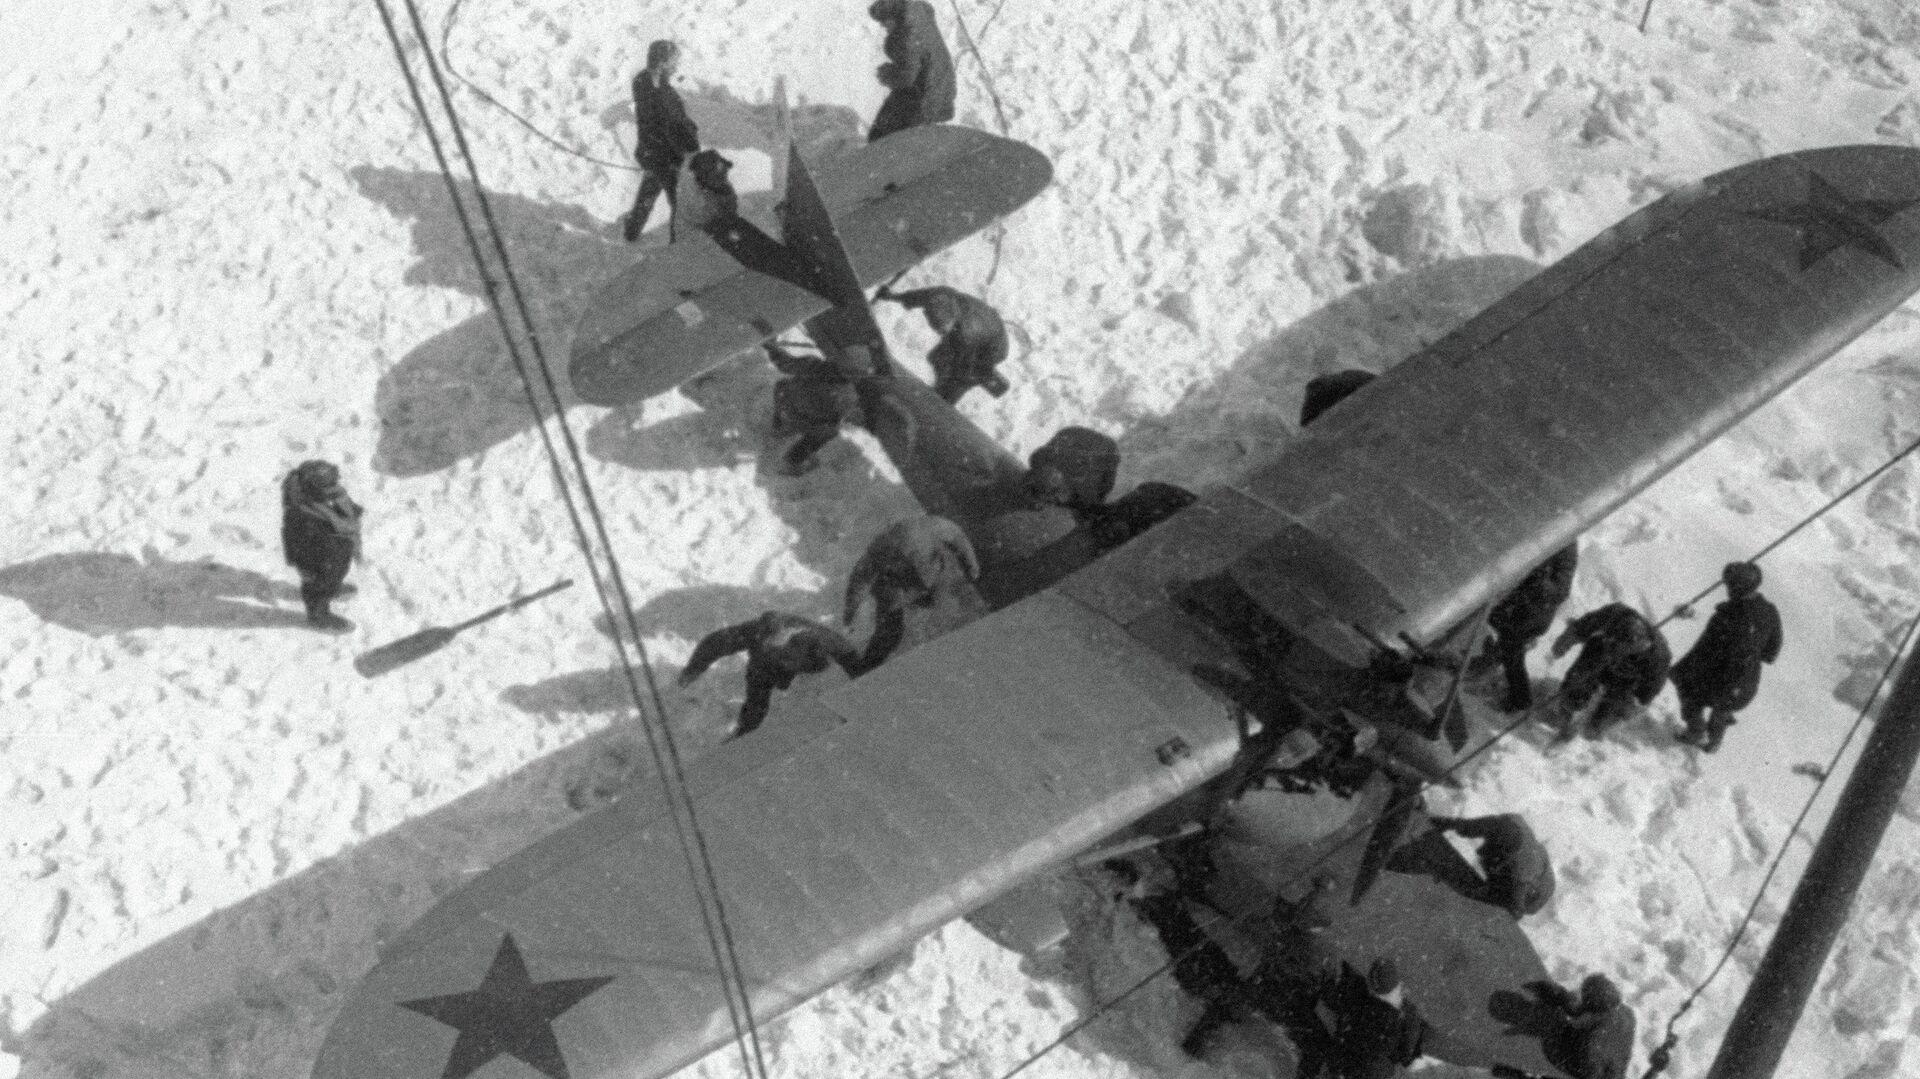 Спасение челюскинцев - РИА Новости, 1920, 20.04.2019